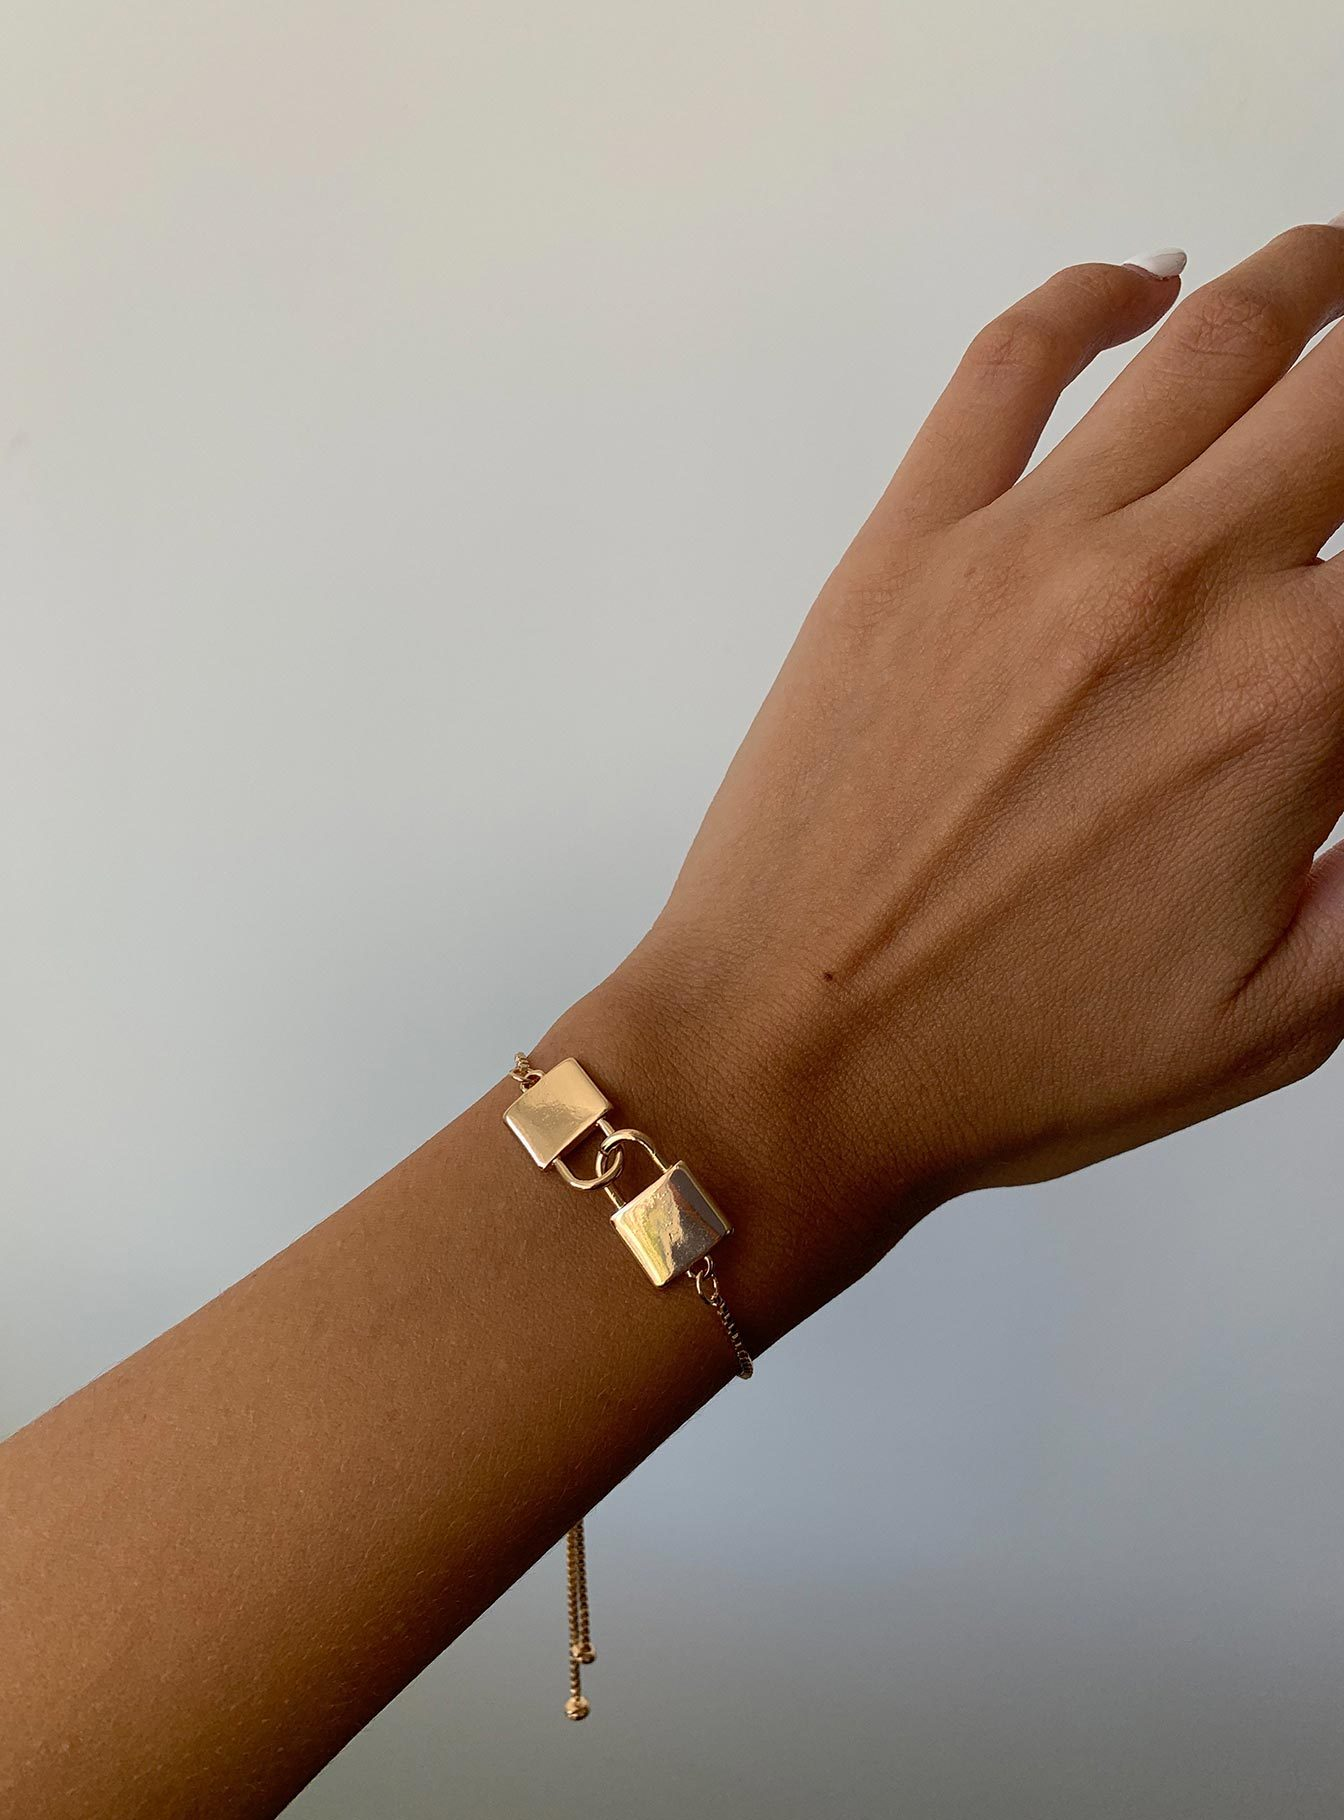 Bracelets & Anklets (Side A)